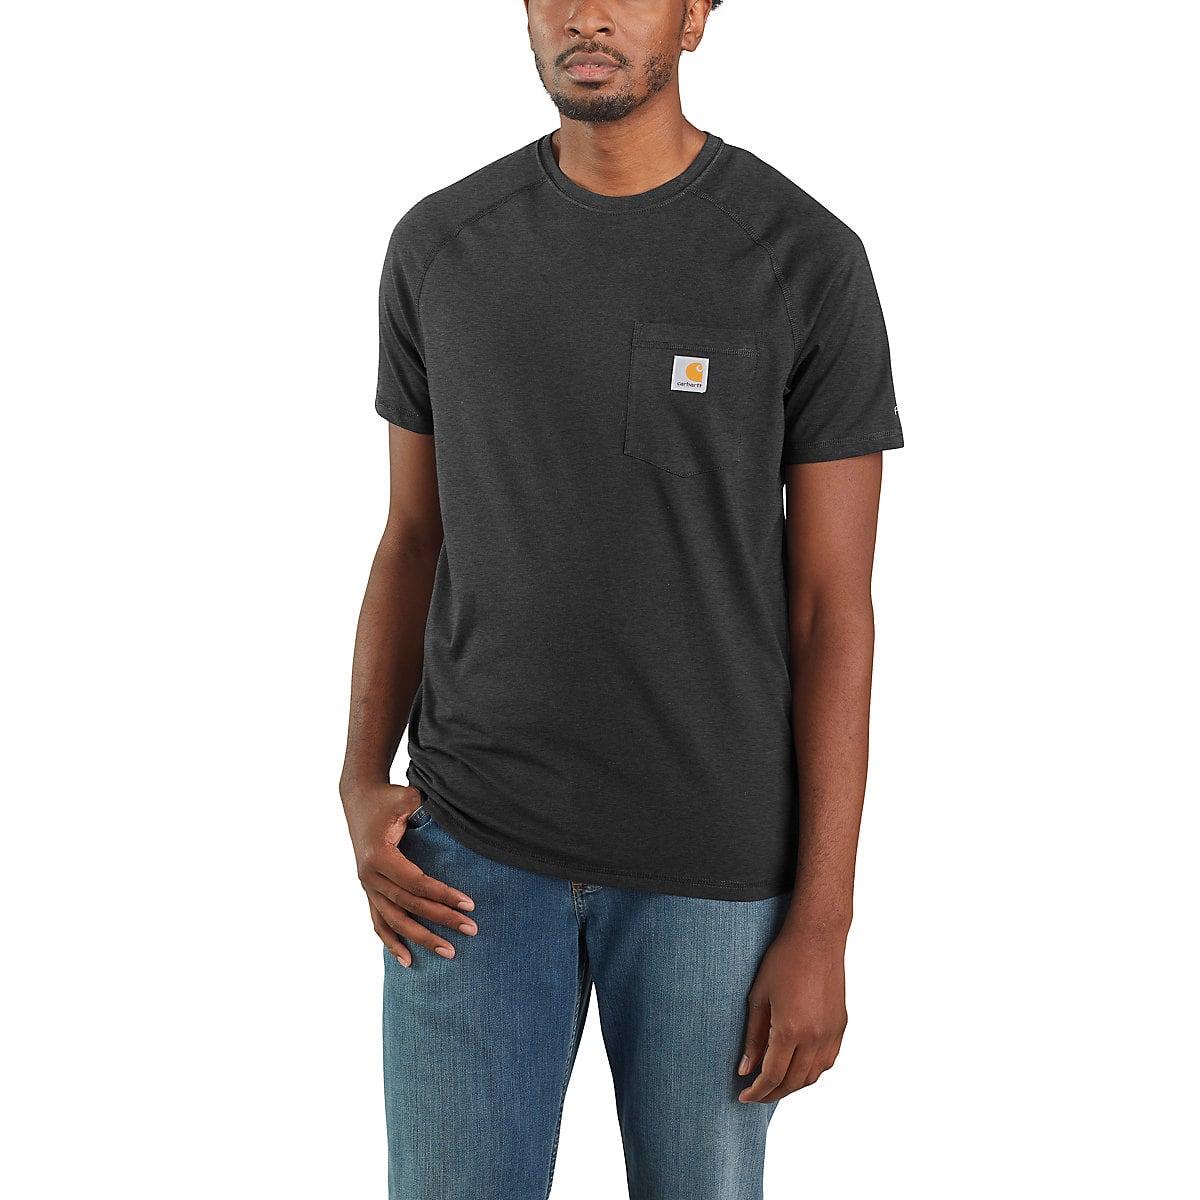 e2bb09252ea6a9 Men's Carhartt Force® Cotton Delmont Short-Sleeve T-Shirt | Carhartt